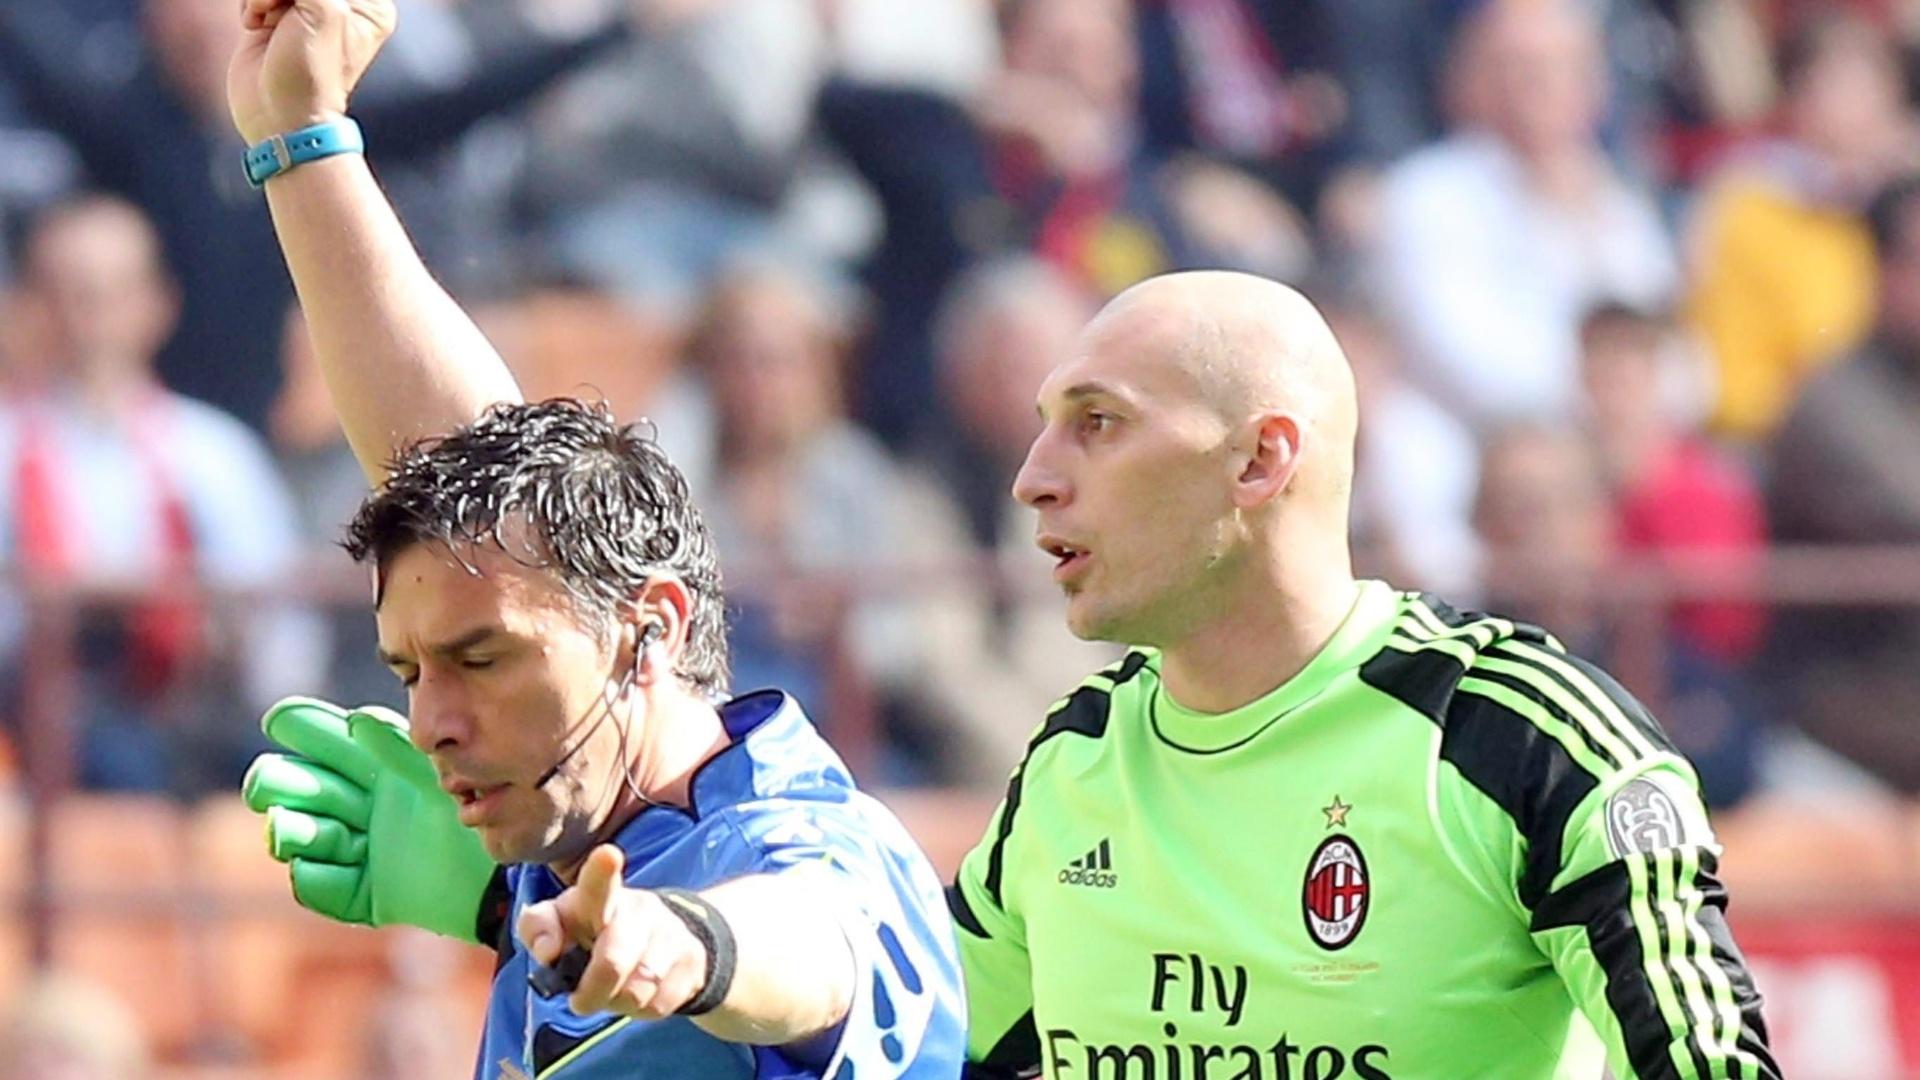 16.mar.2014 - O goleiro do Milan, Chrstian Abbiati recebe cartão vermelho após uma jogada perigosa